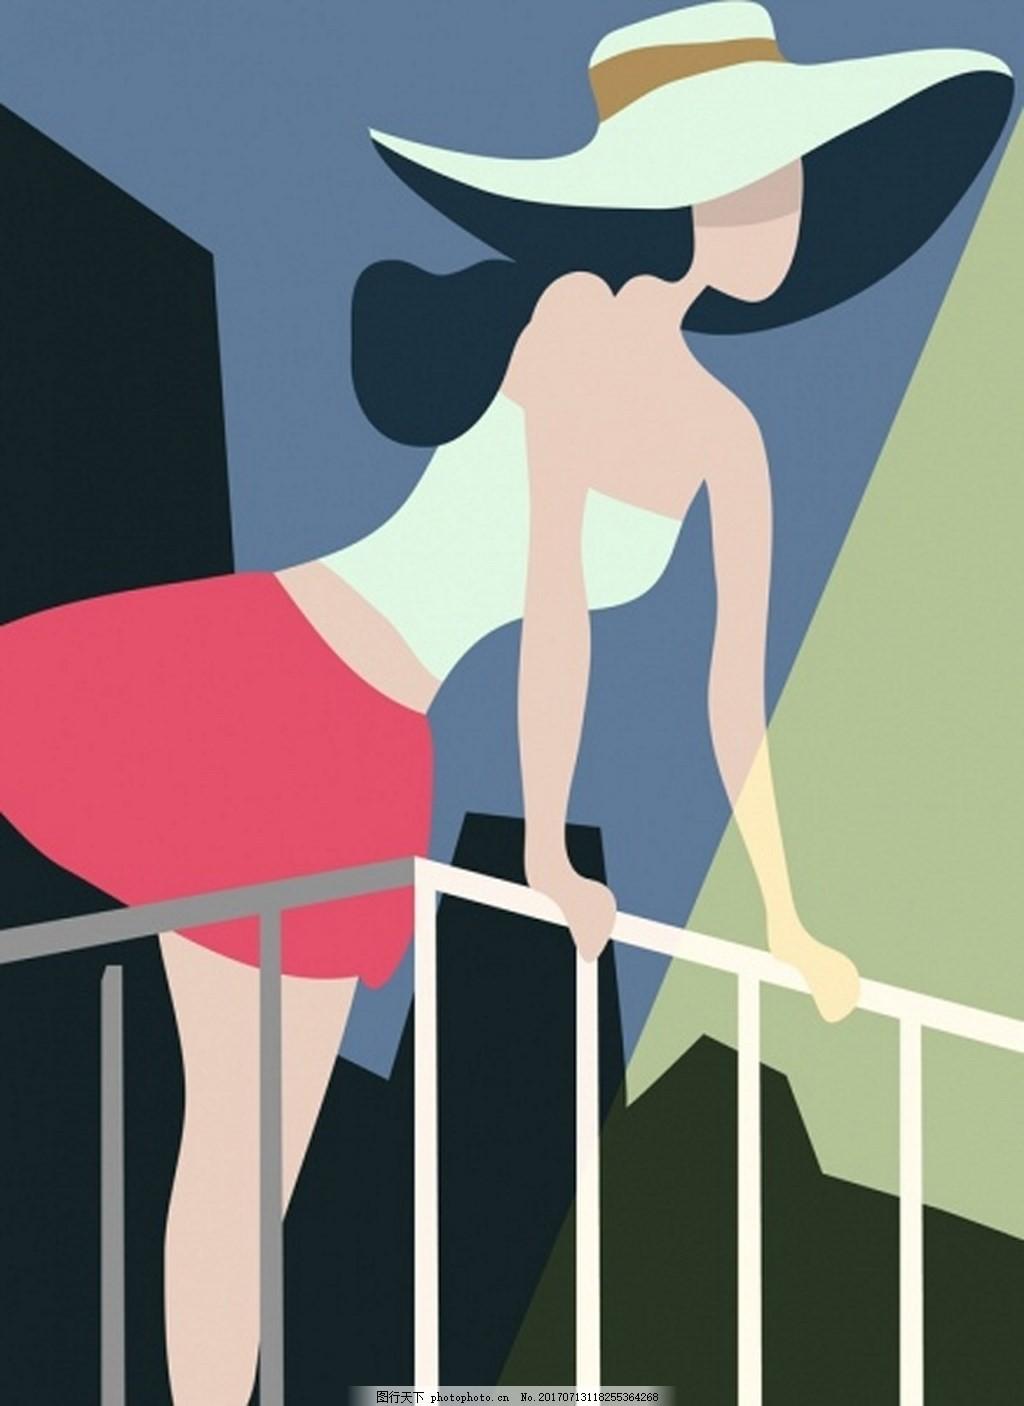 美女漫画背景素材 女孩 女人 栏杆 帽子 漂亮 漂亮衣服 矢量背景